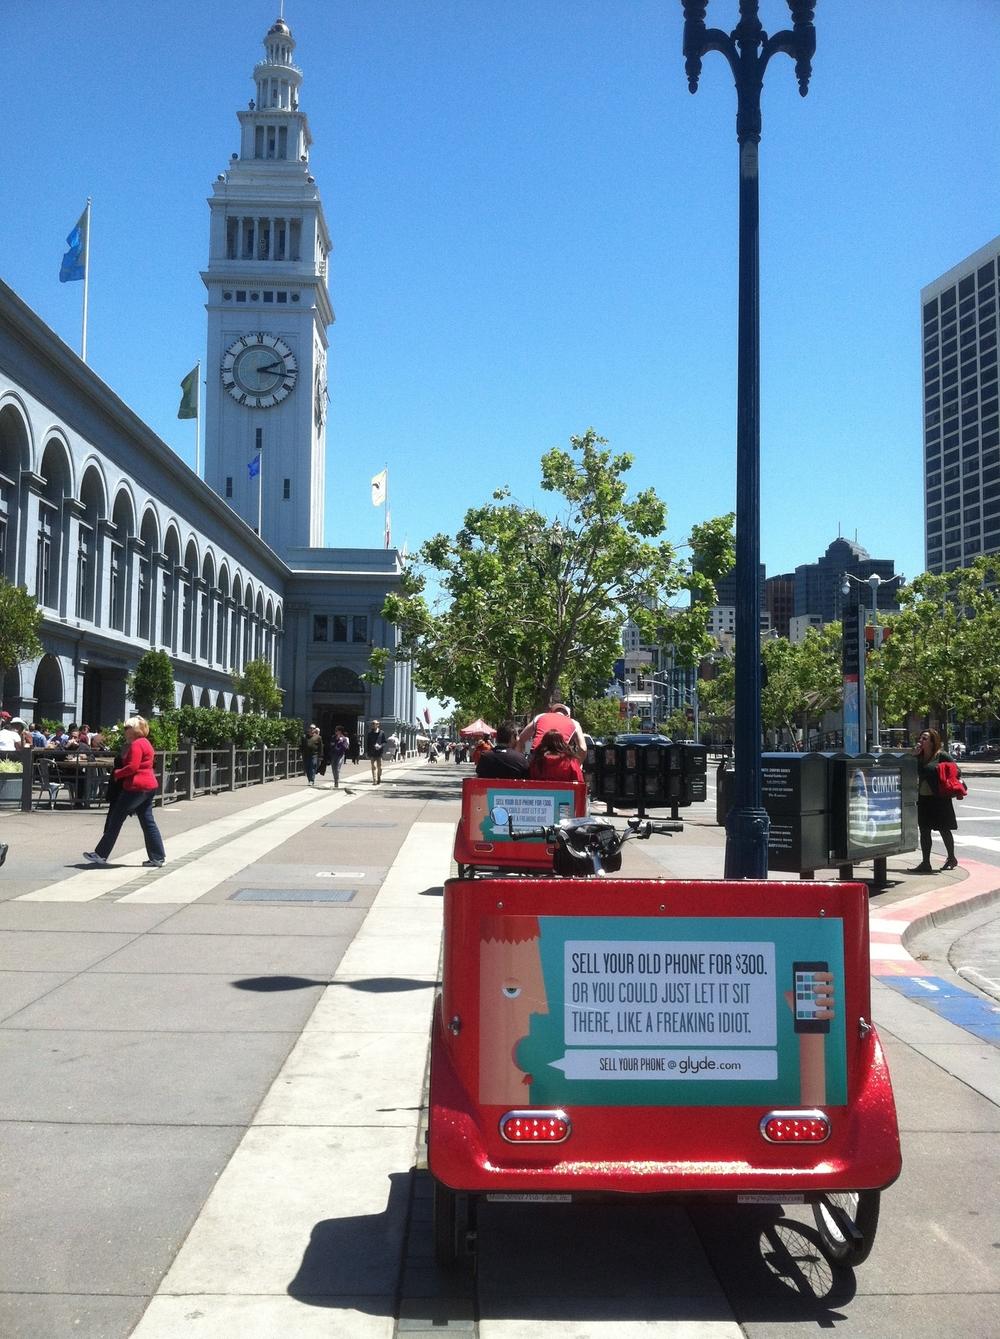 Cabrio Taxi San Francisco Pedicab Advertising for Glyde.jpeg